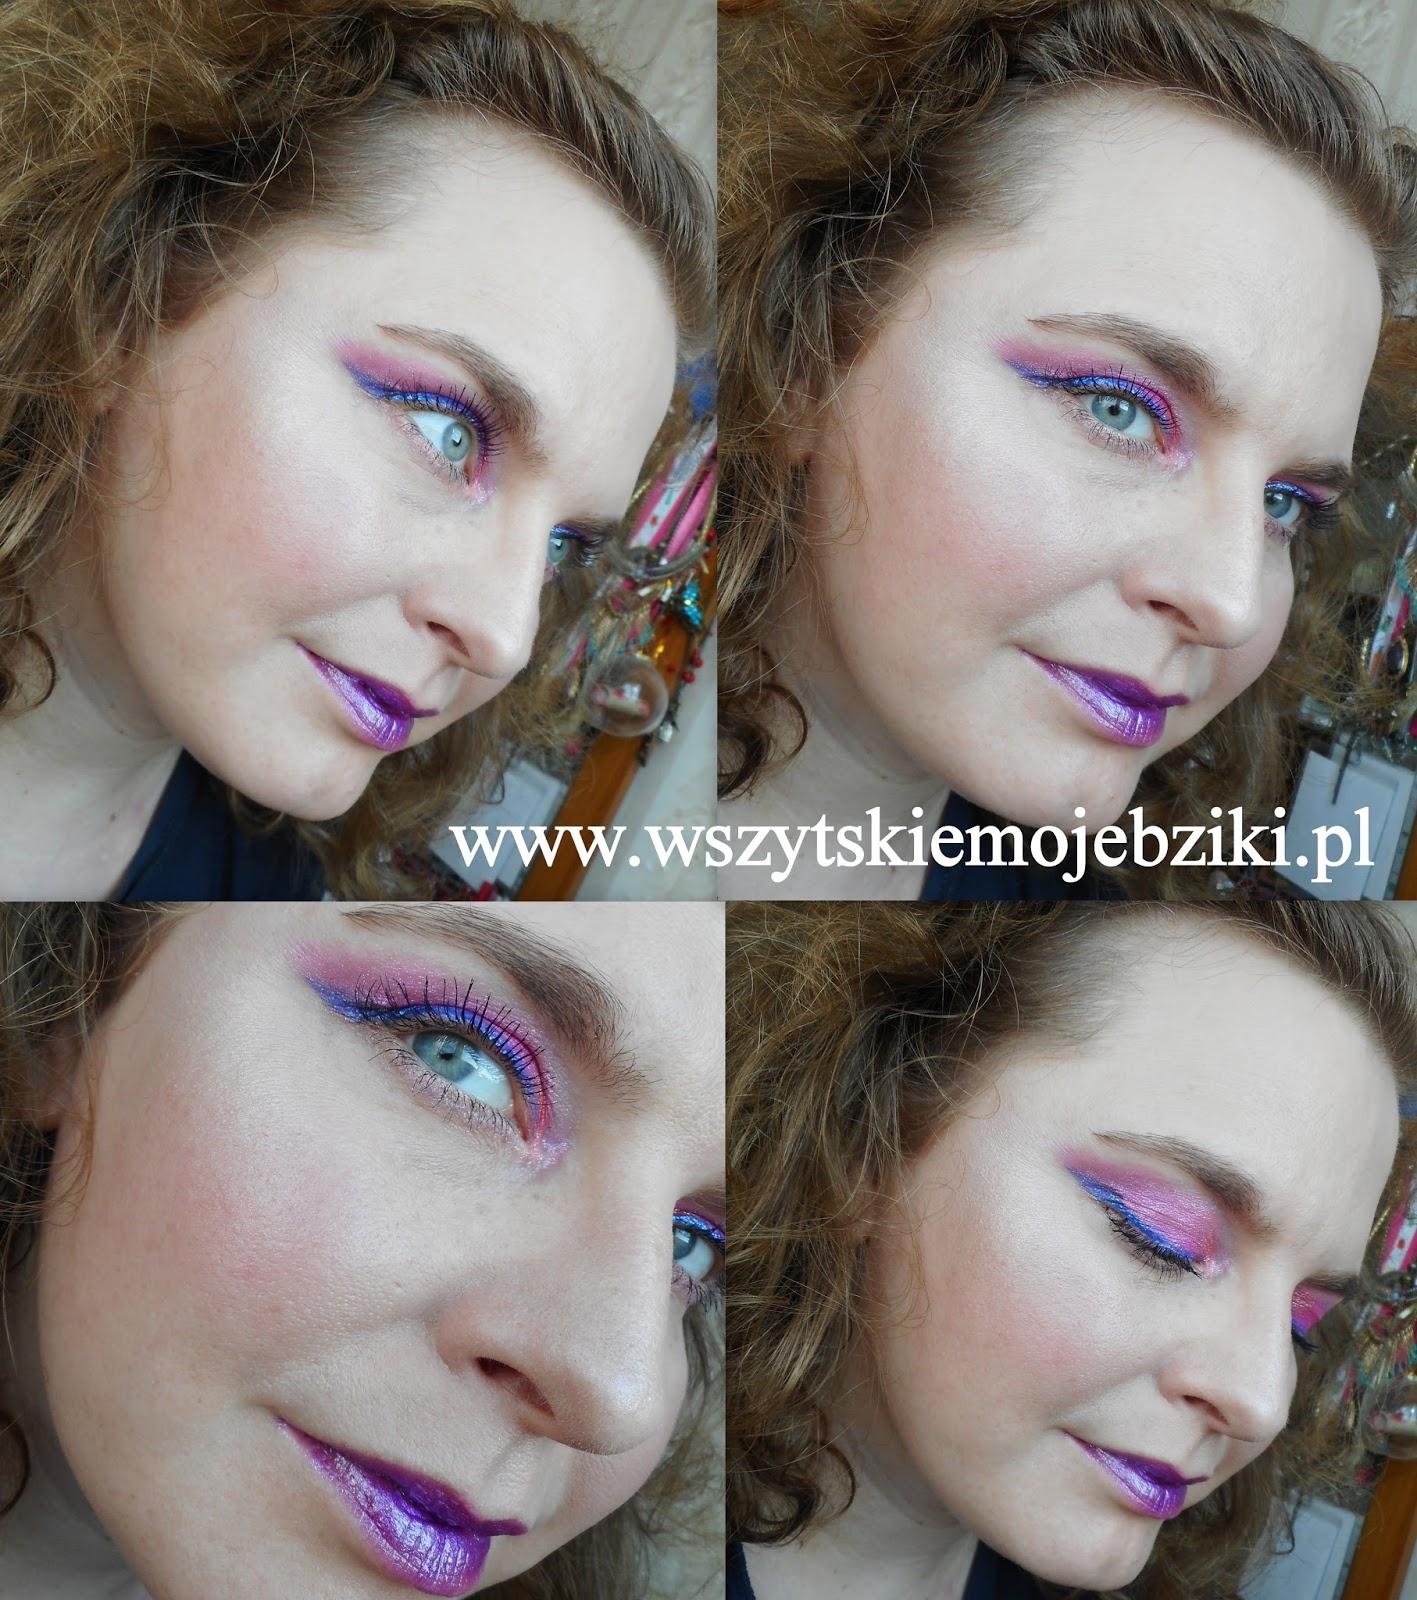 Makijaż Jednorożecunicorn Makeup Wszystkie Moje Bziki